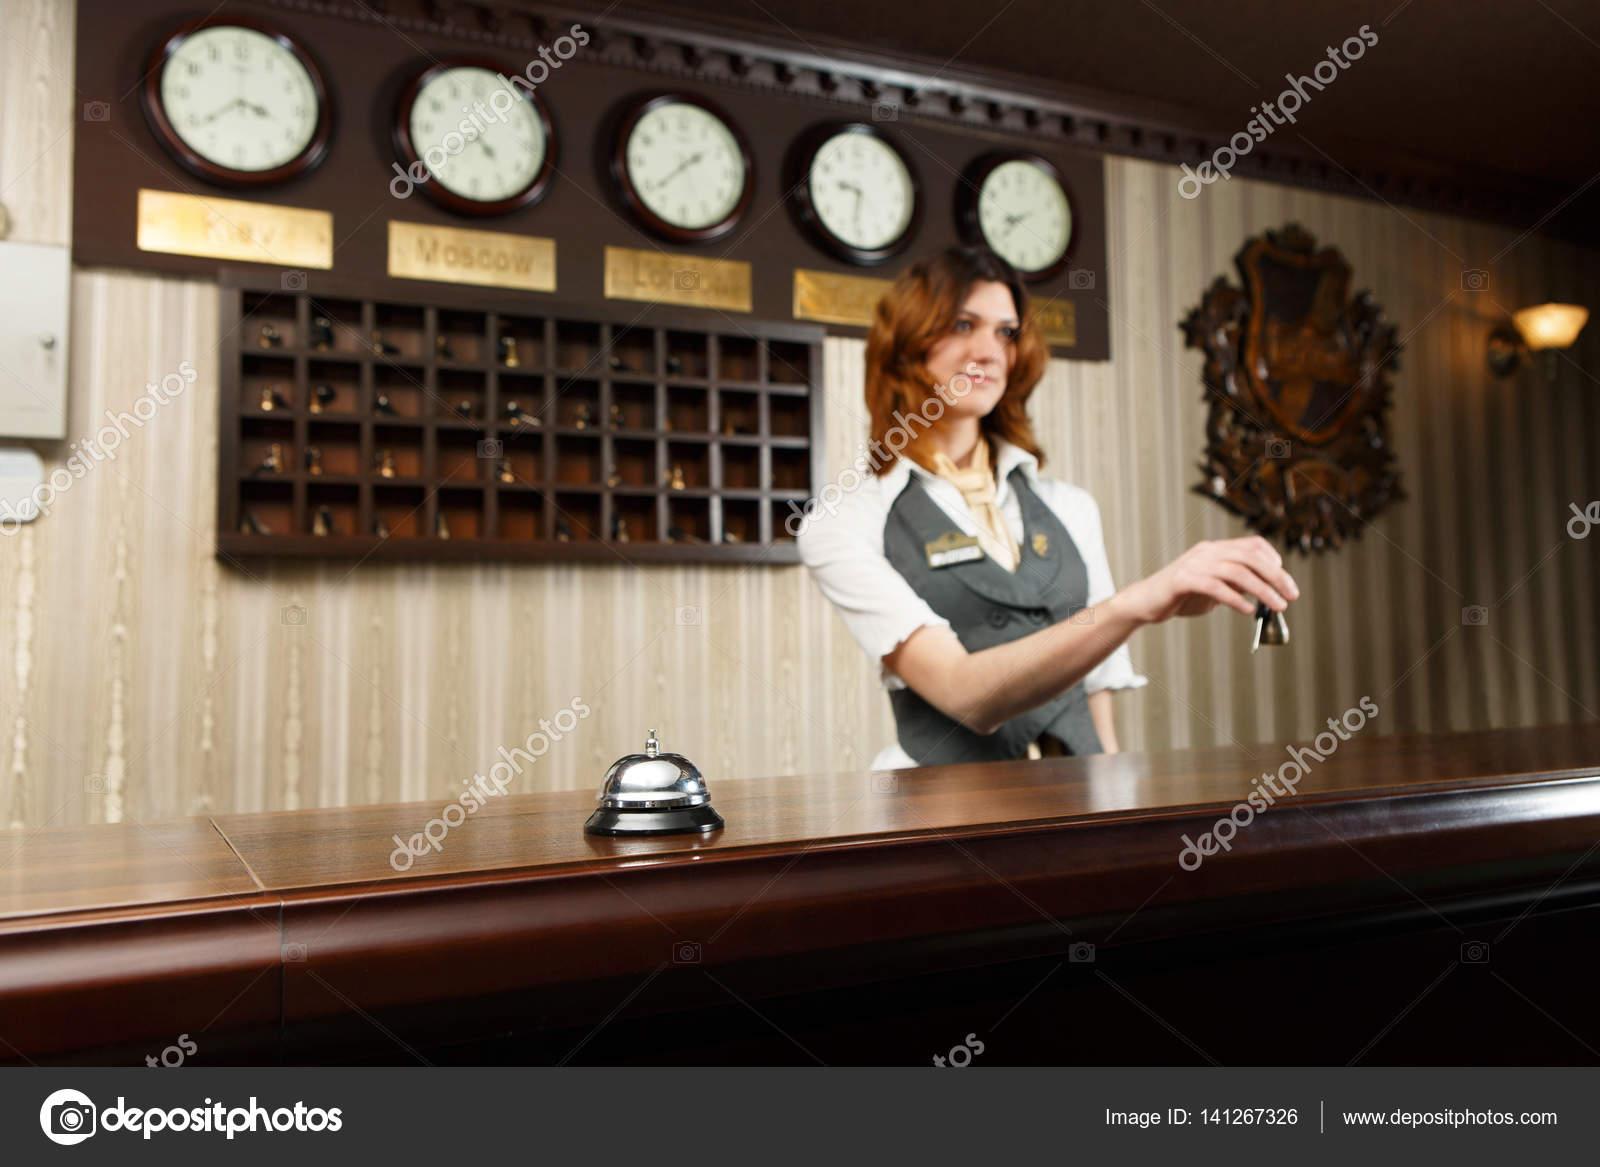 Bureau de réceptionniste et comptoir de lhôtel avec bell